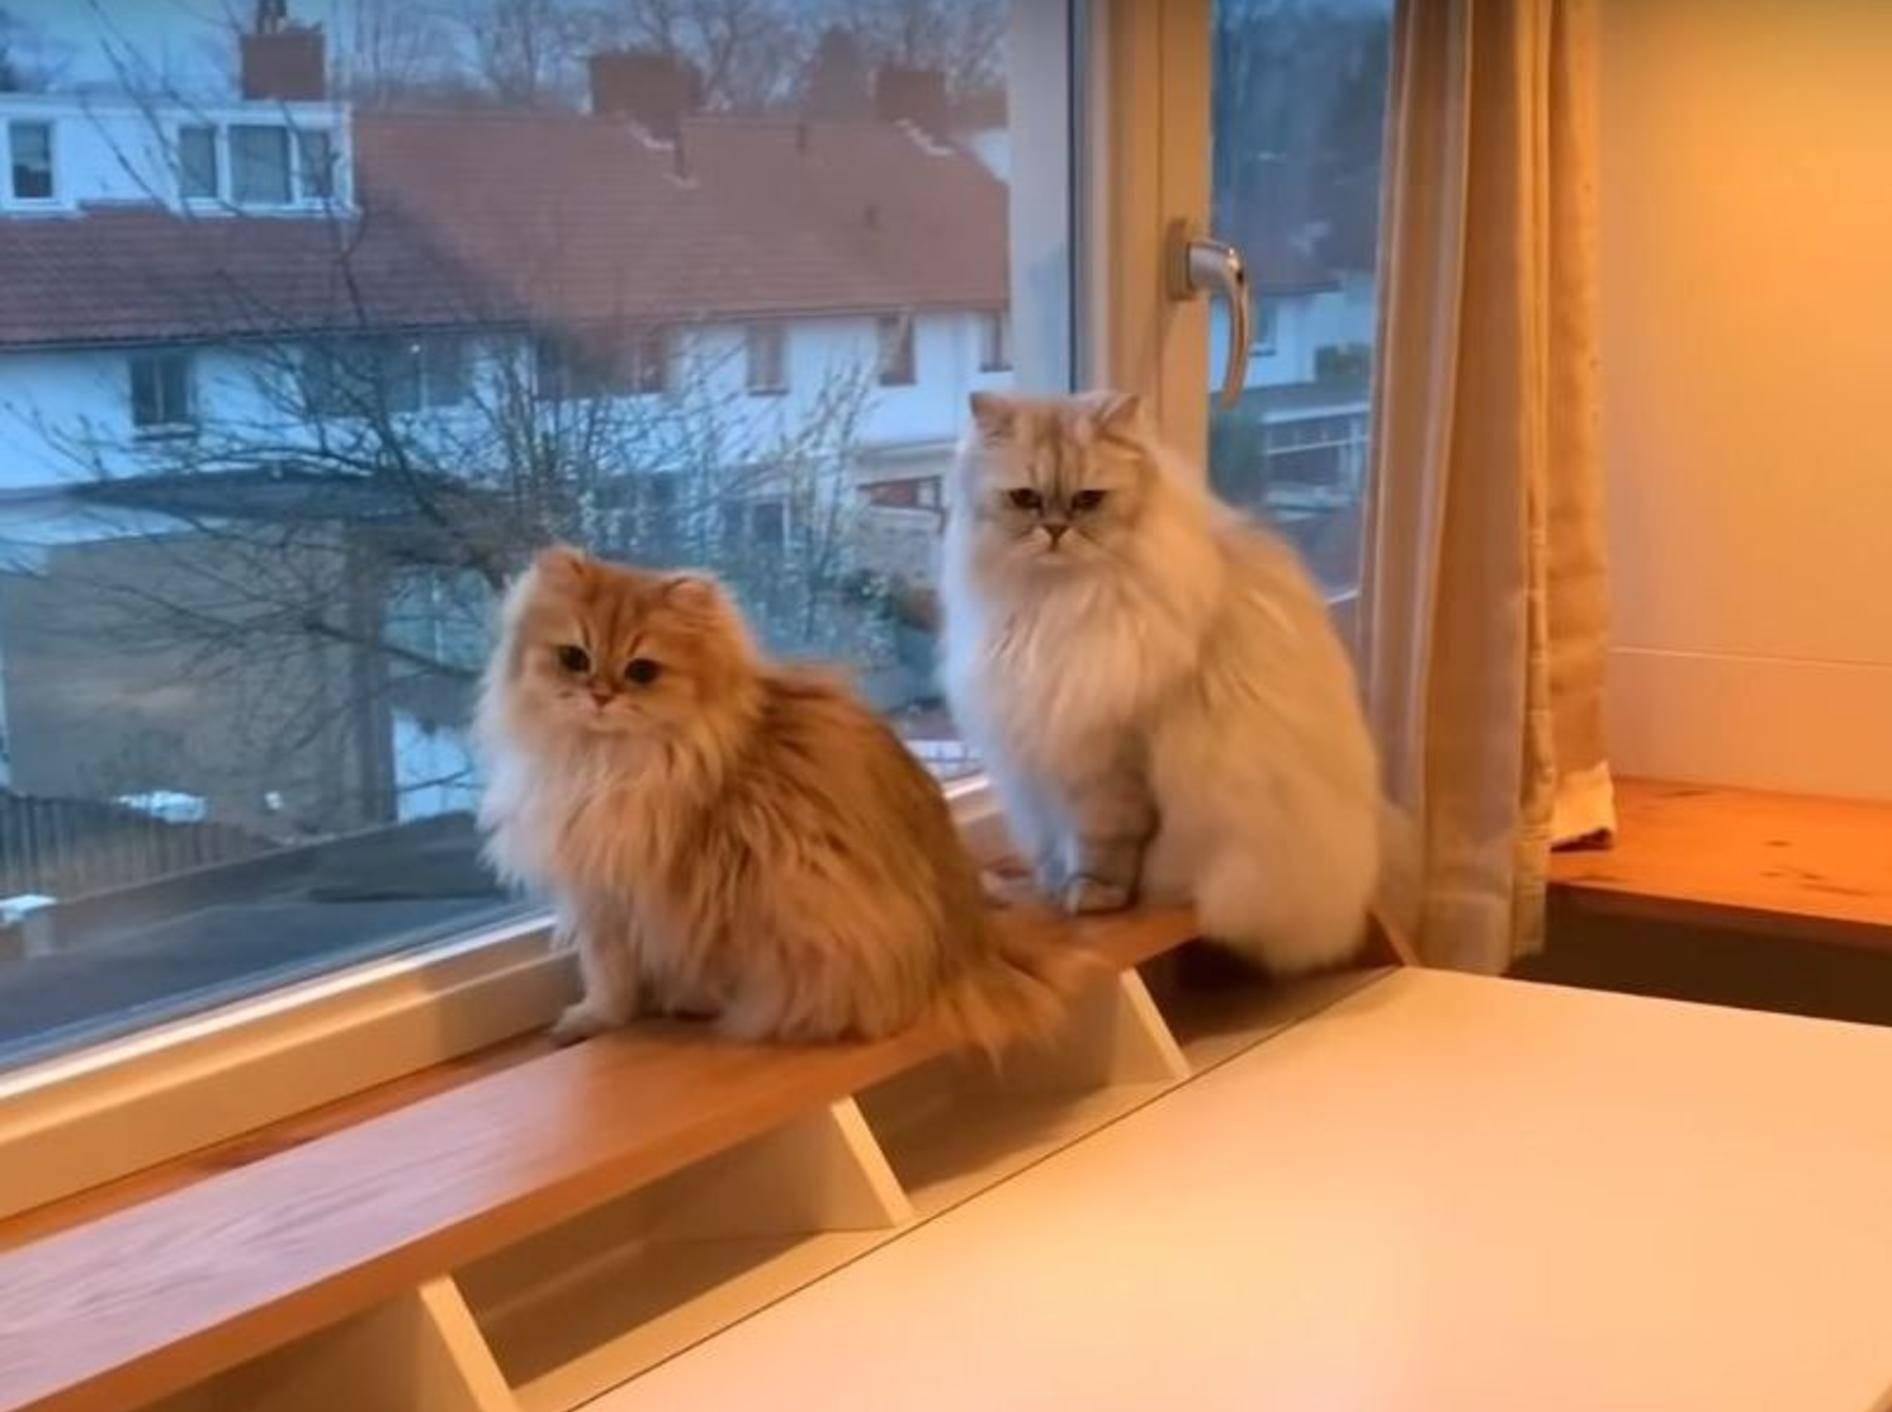 Smoothie und Milkshake erkunden ihr neues Zuhause – YouTube / smoothiethecat